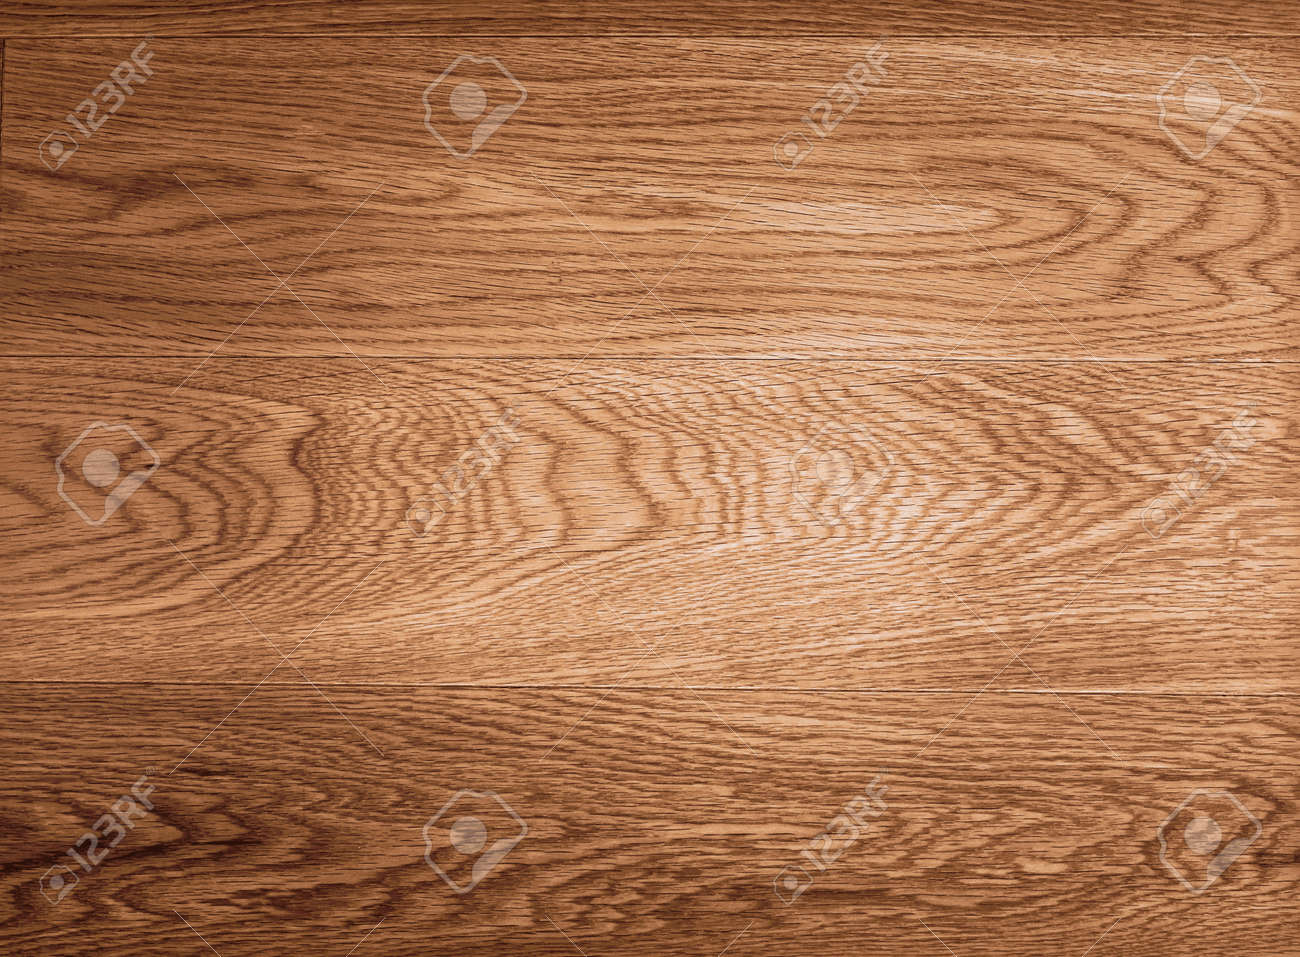 Hellem Holz Textur Für Den Hintergrund Lizenzfreie Fotos Bilder